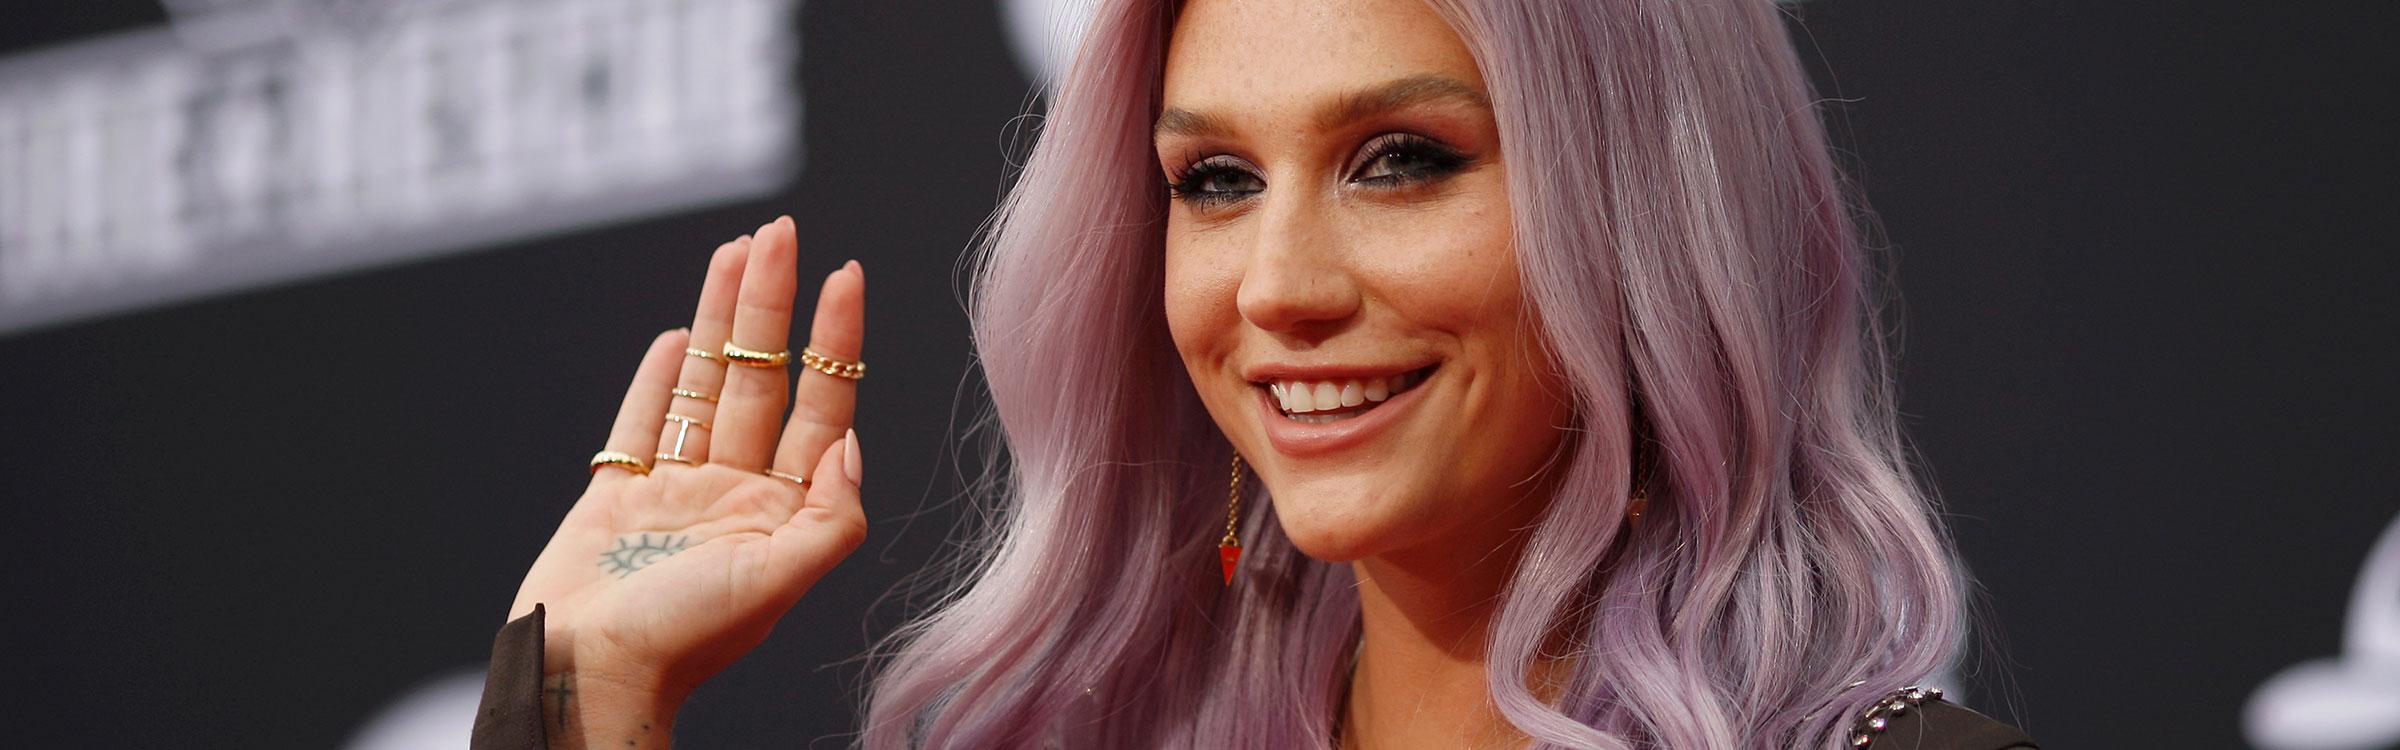 Kesha page